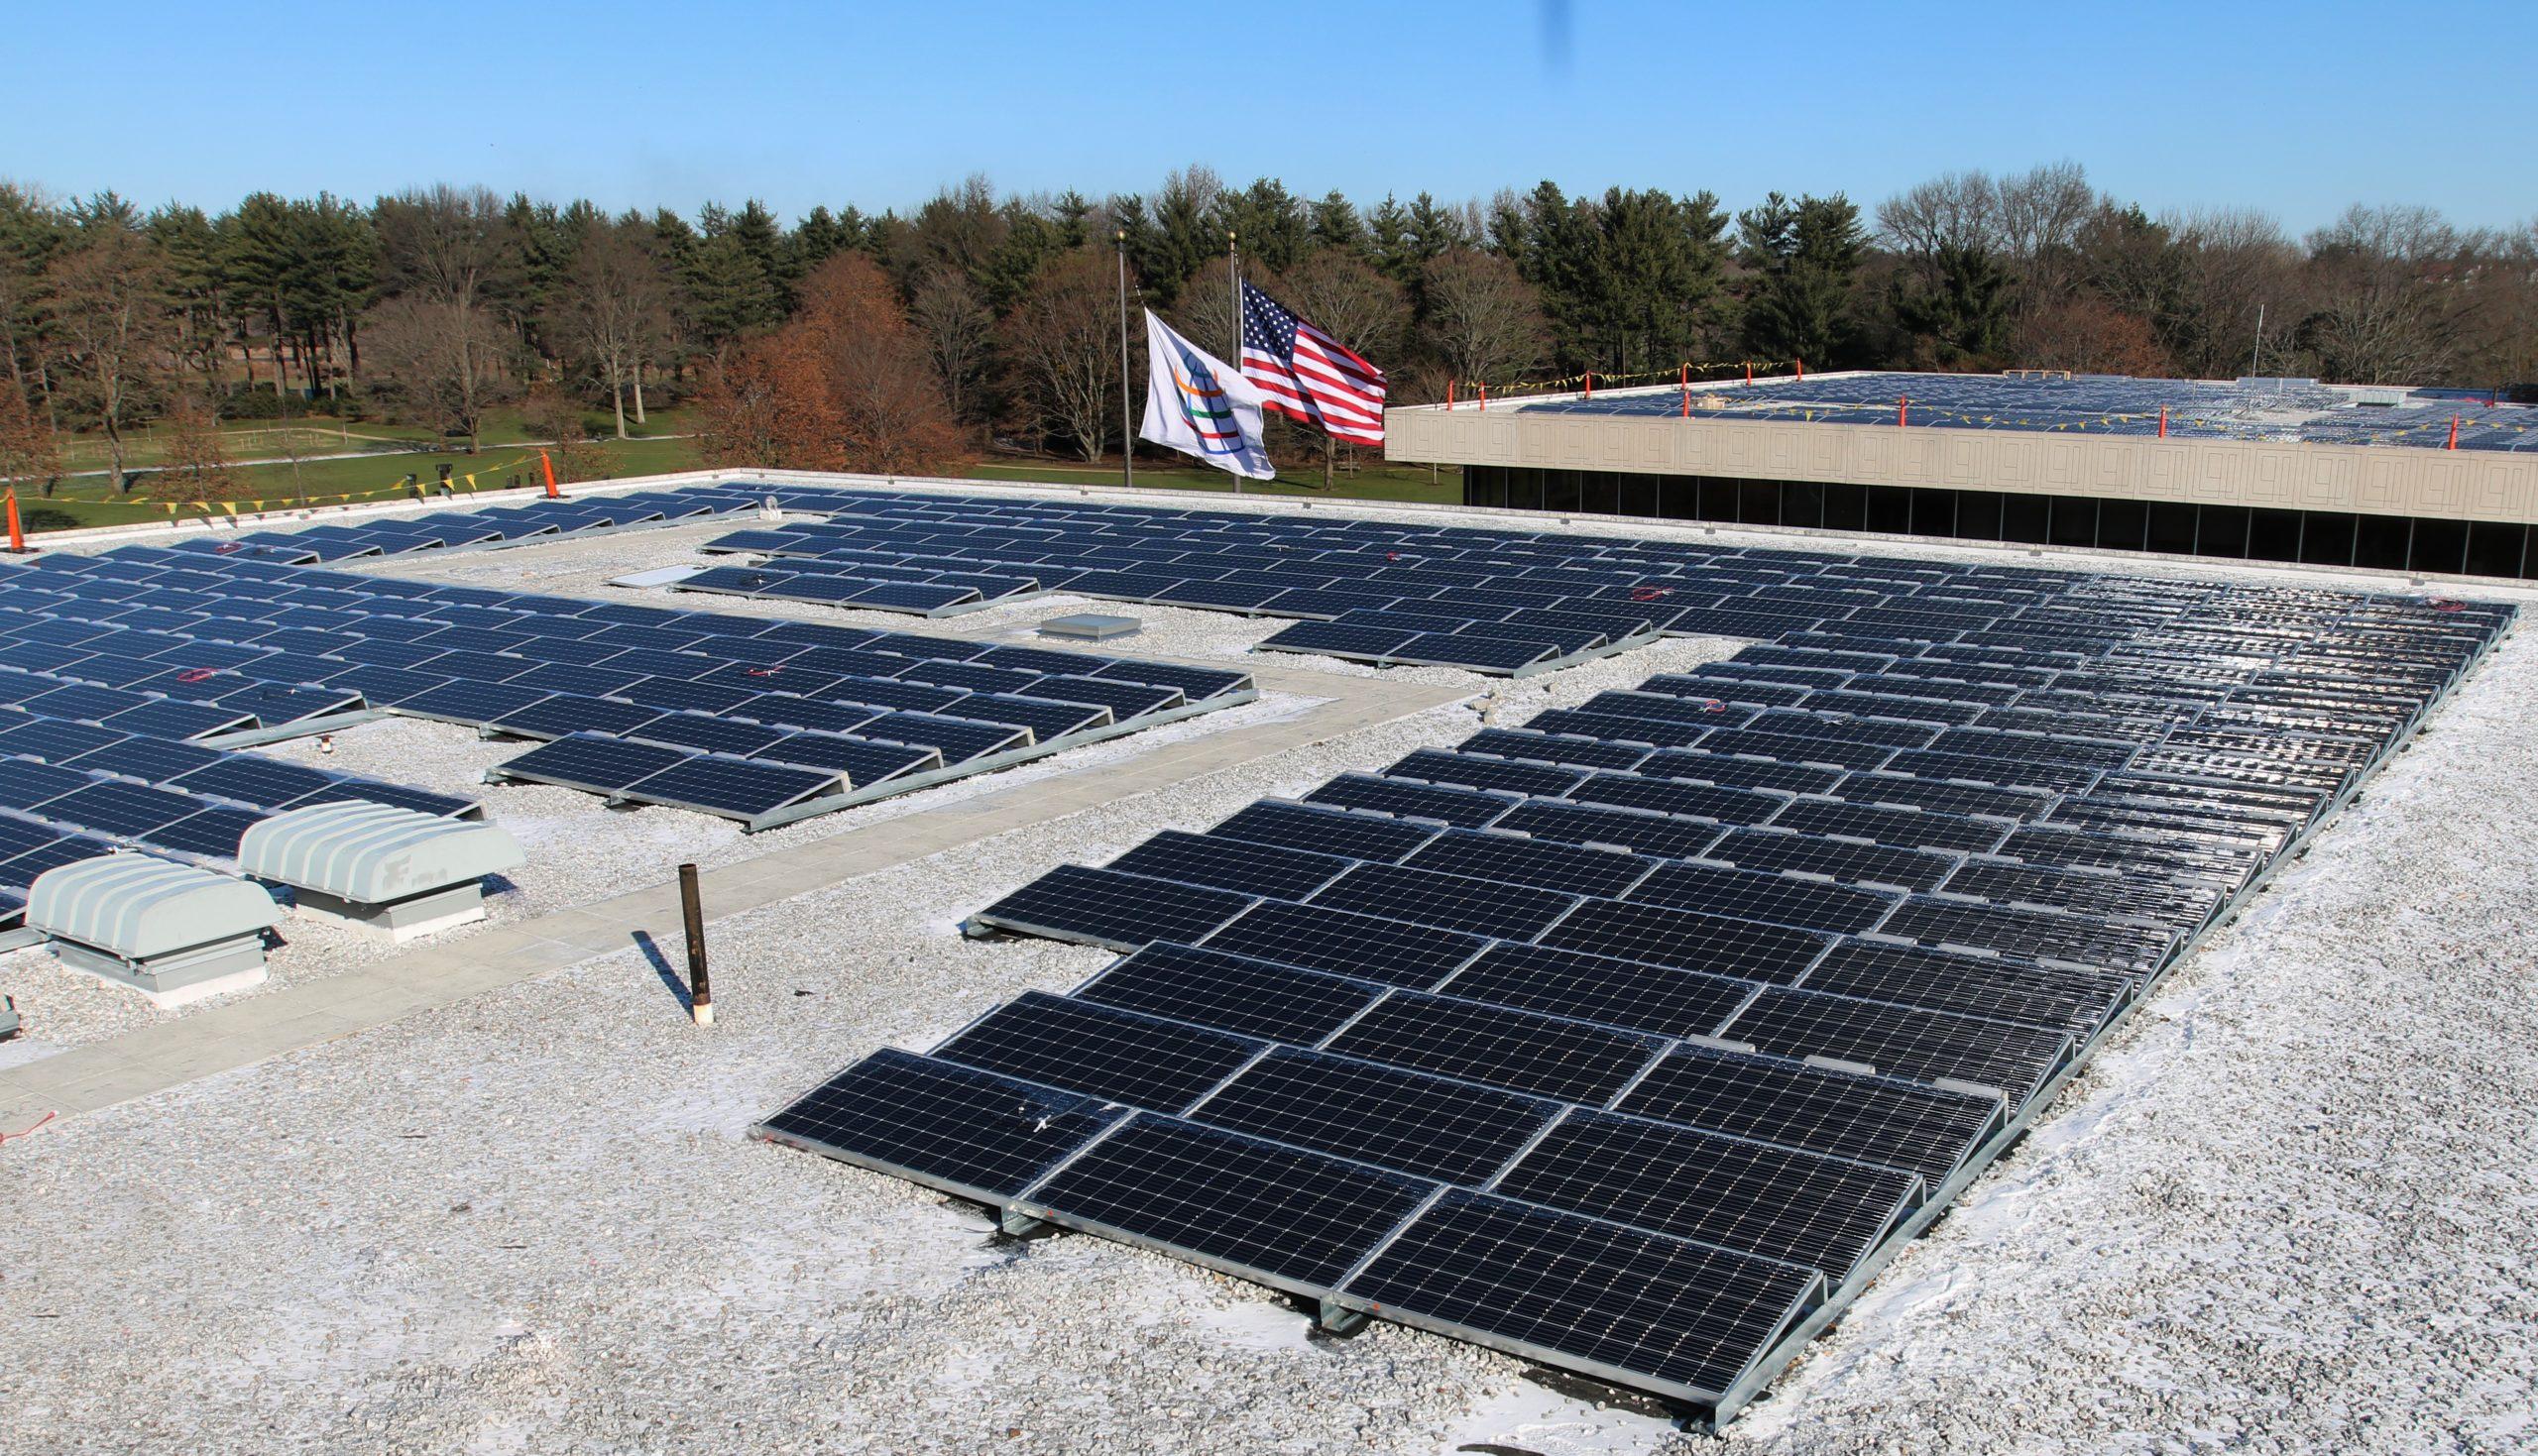 Informacja dla mediów Zielona energia w PepsiCo w trosce o przyszłość naszej planety – wszystkie zakłady w USA będą zasilane w 100% odnawialną energią Warszawa, […]